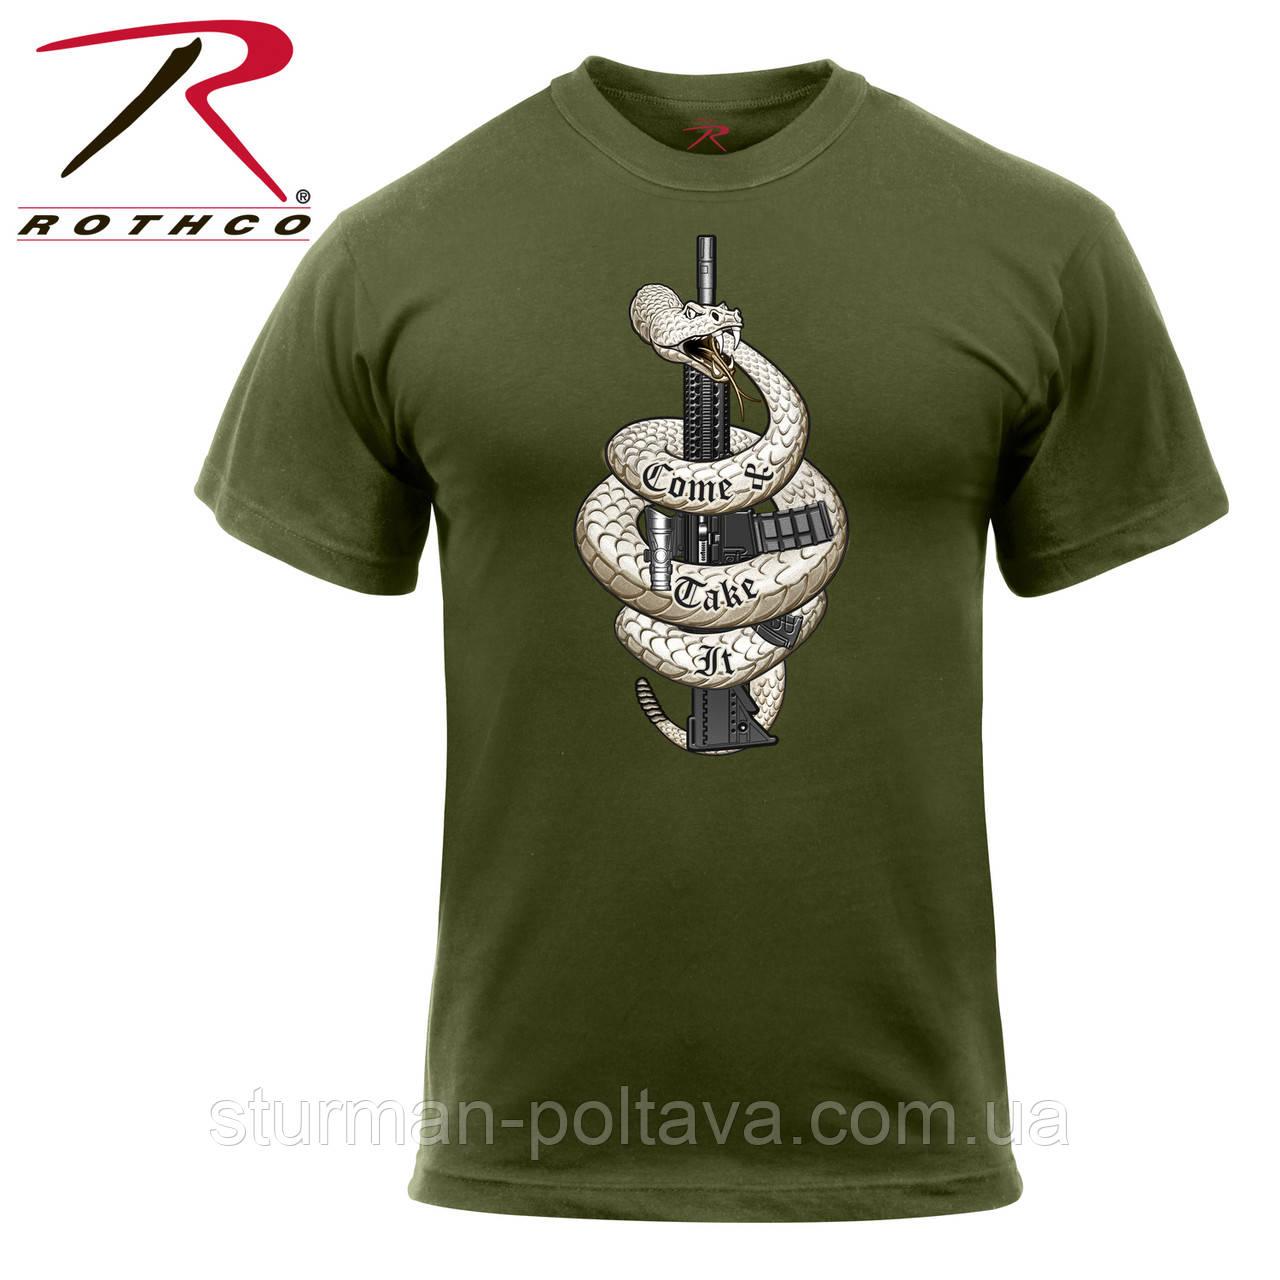 """Футболка  мужская  армейский  лозунг  """"Приди и возьми""""  Come and Take It цвет олива Rothco США"""